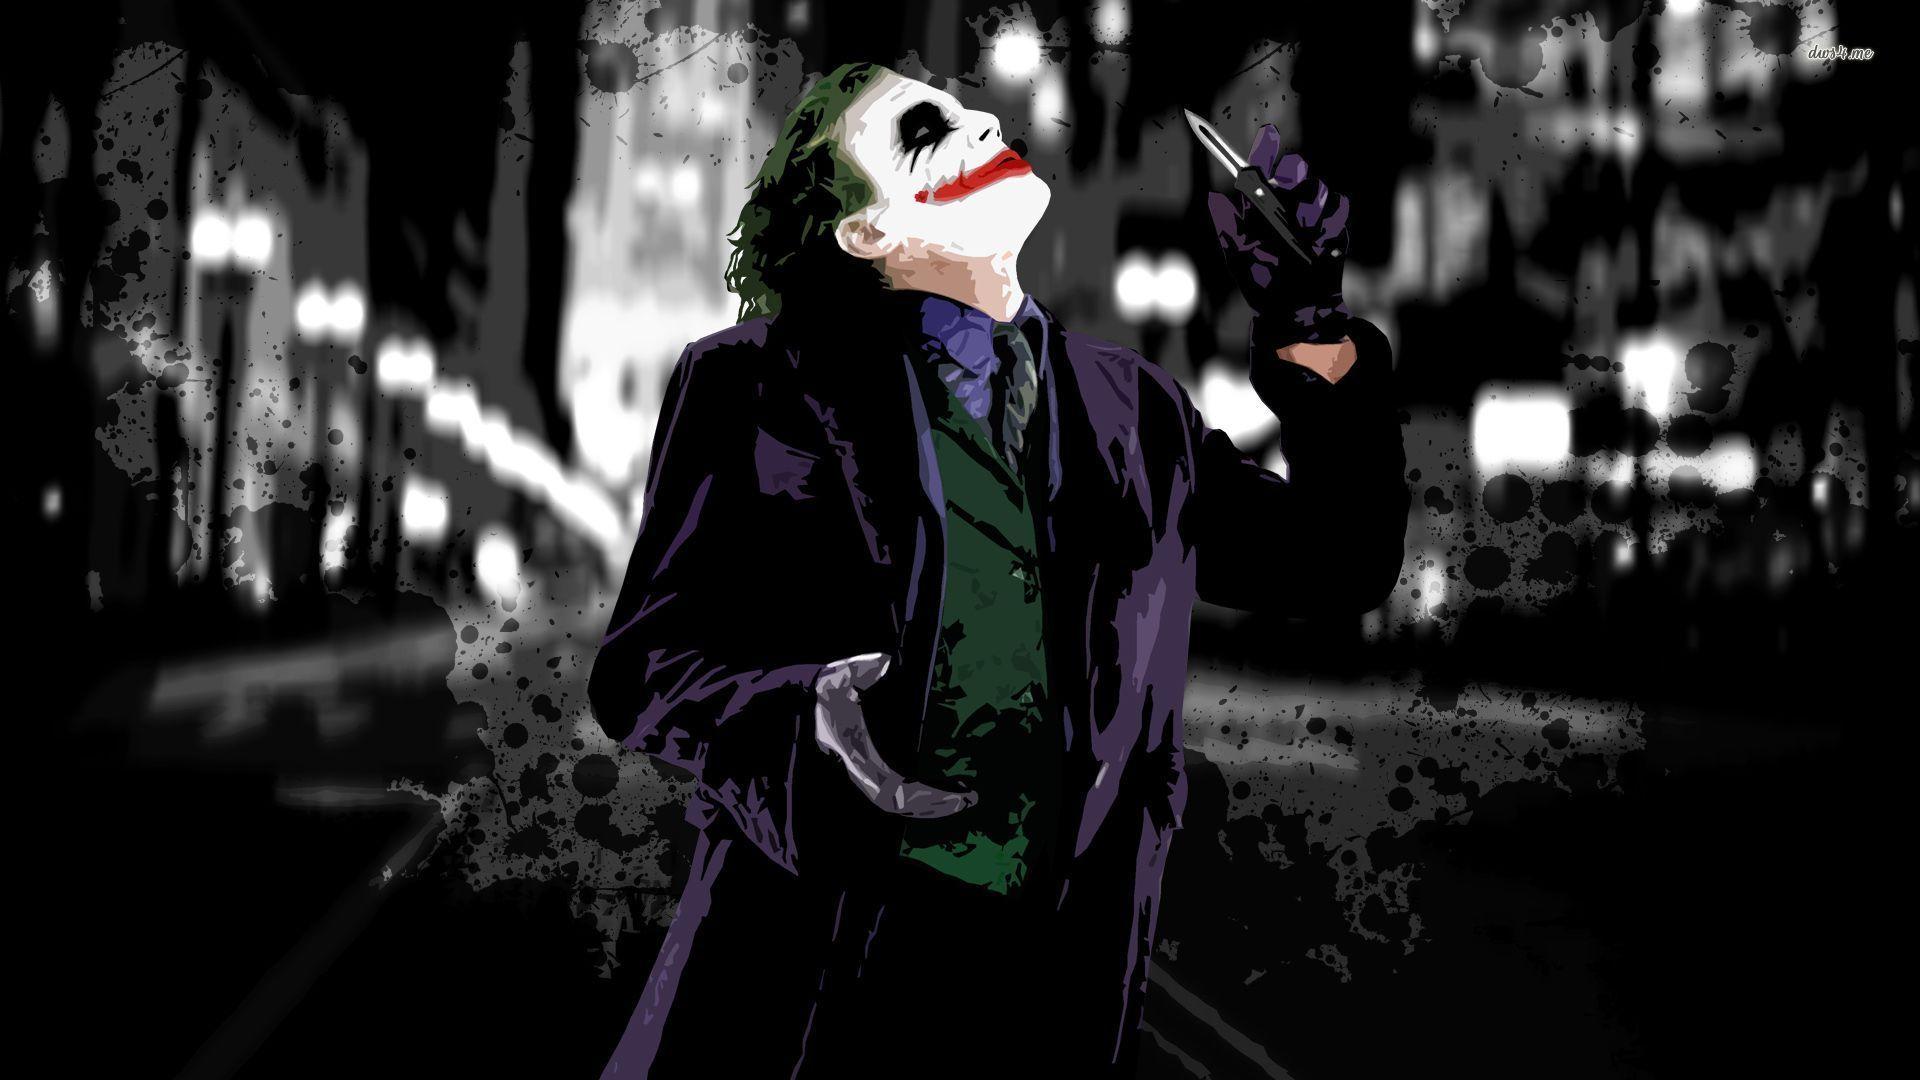 Heath ledger the joker heath ledger the joker for Joker wallpaper 4k